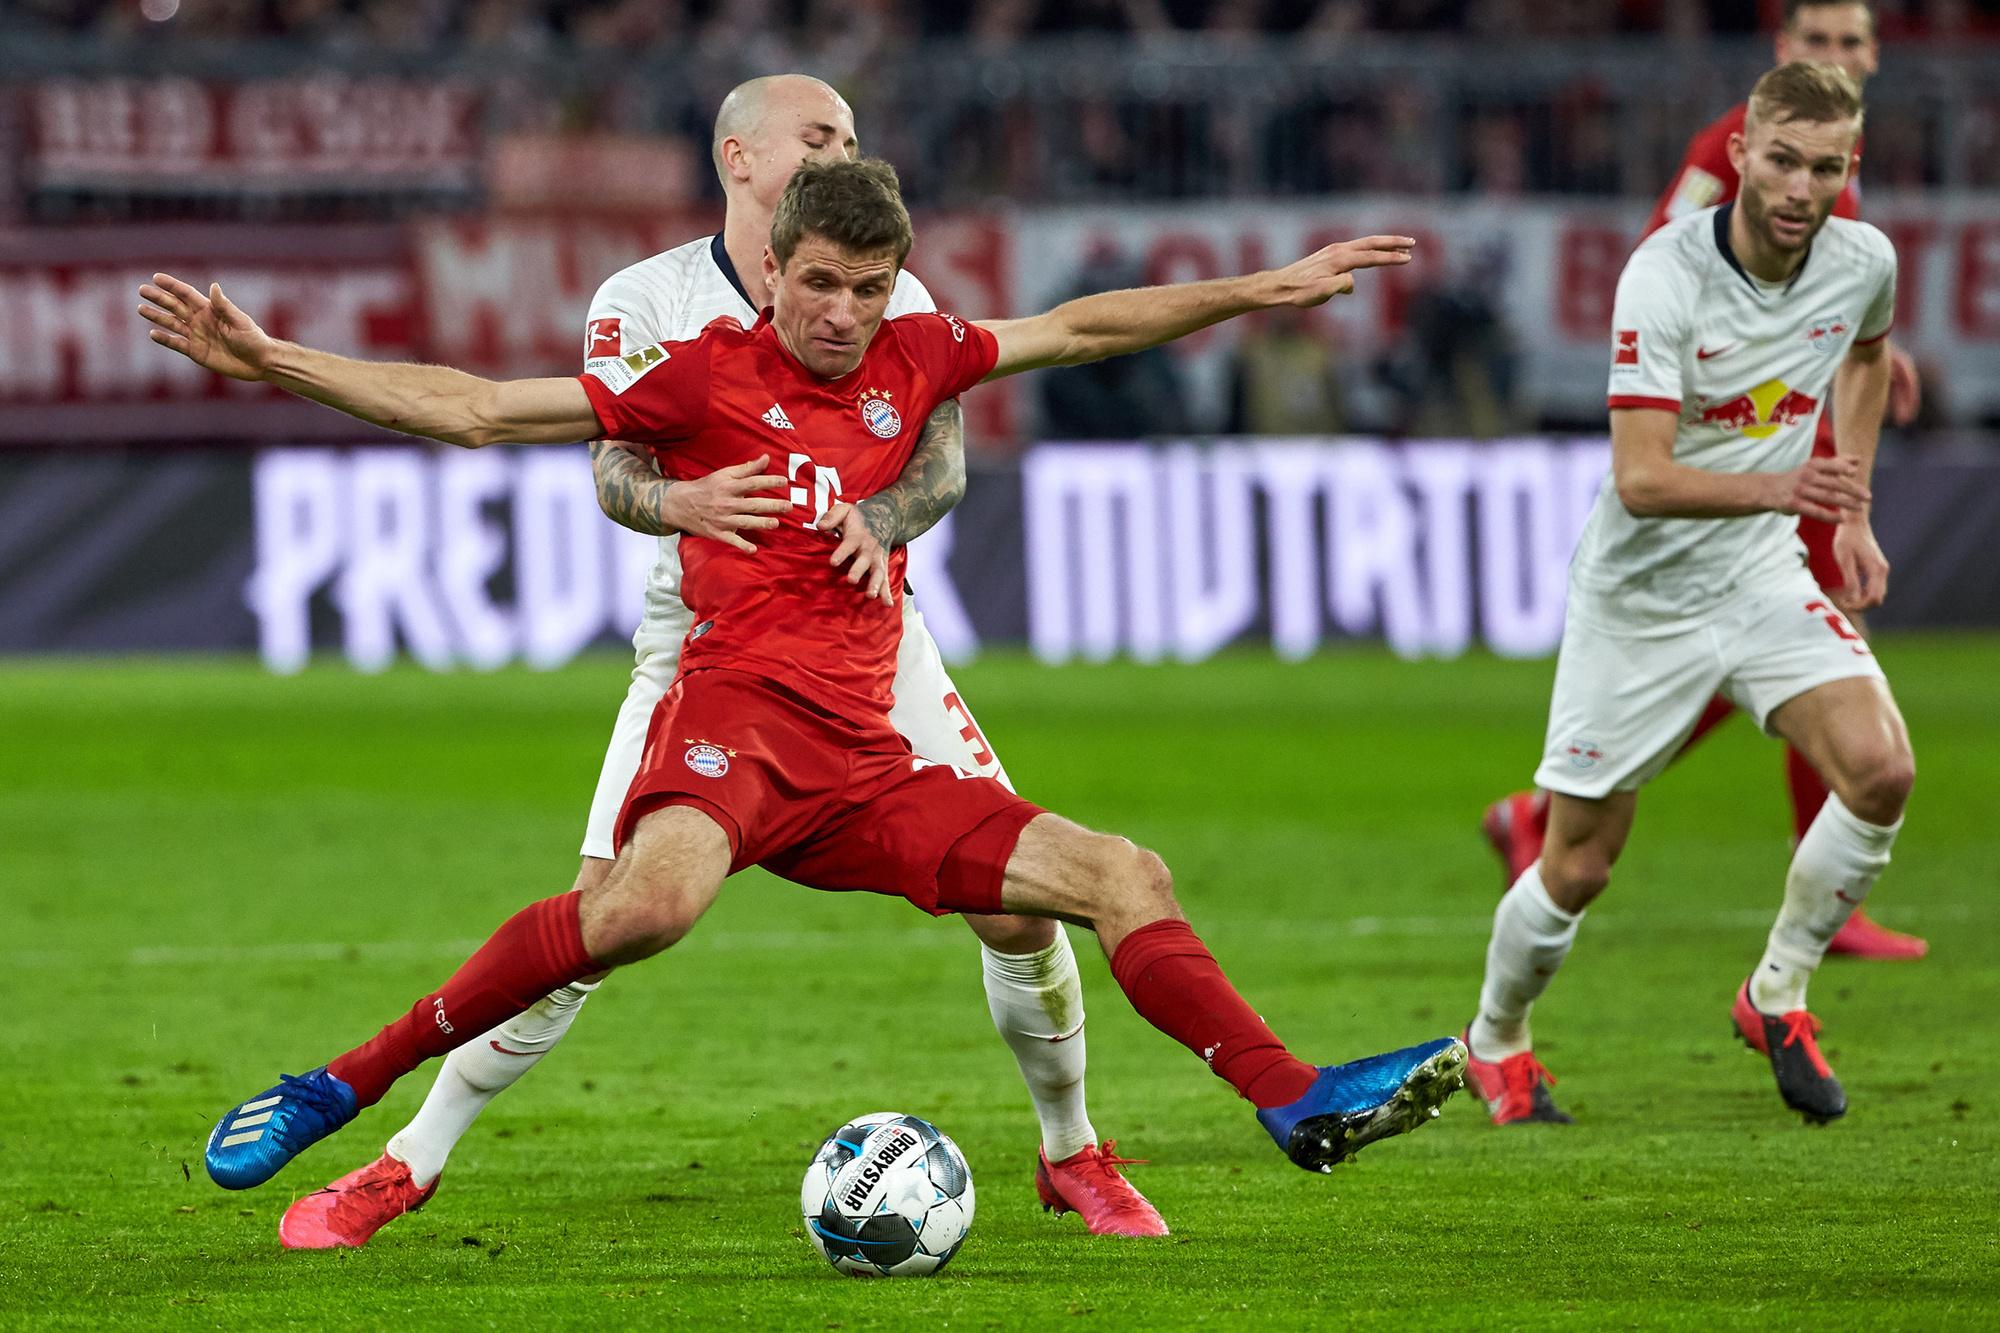 Leipzig was nergens te bespeuren tegen Bayern begin dit jaar., GETTY